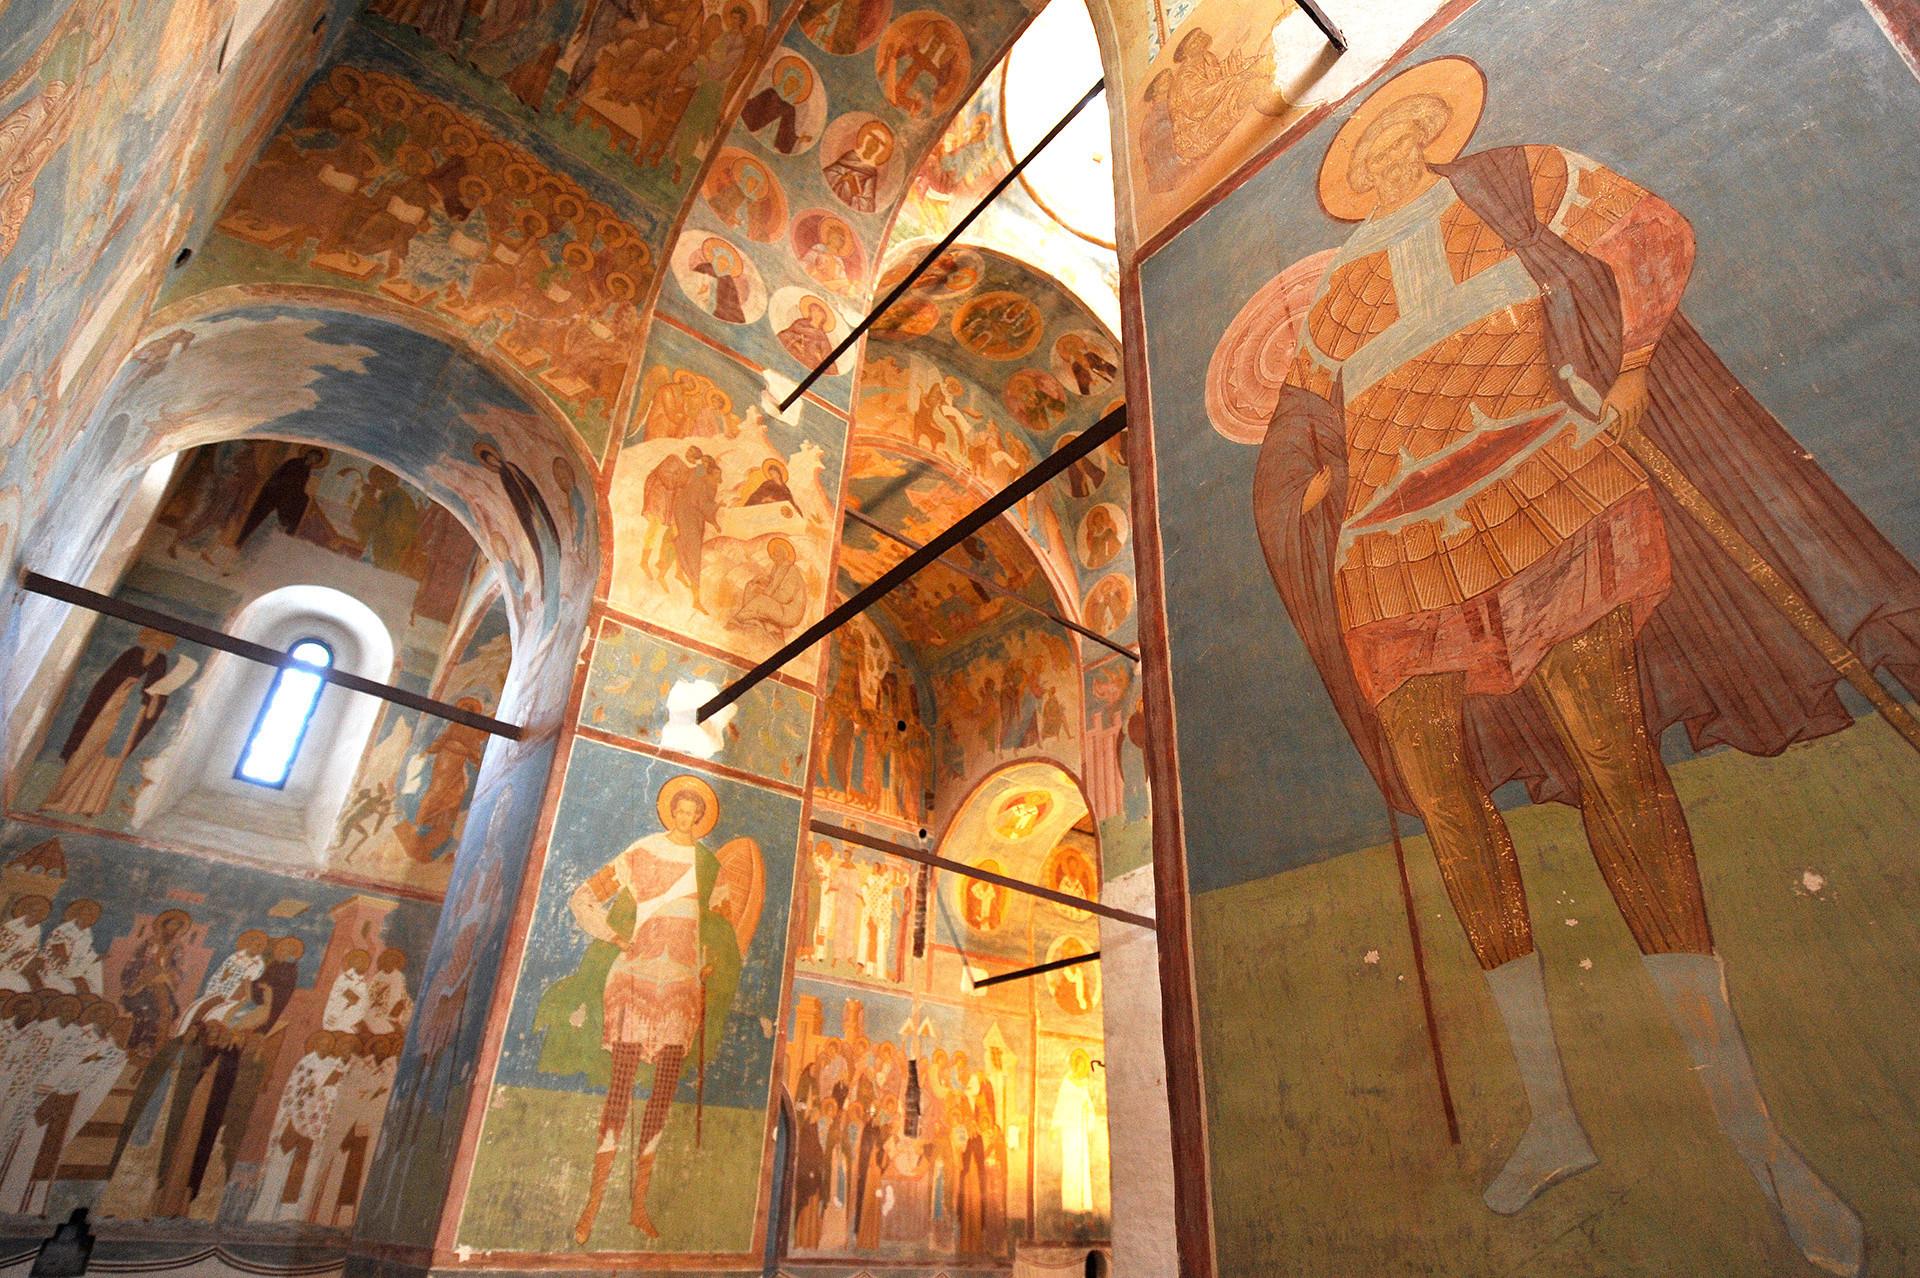 Fresko karya Dionysus dengan gambar prajurit Dmitry dari Thessaloniki (kiri) dan Mina (kanan) di Katedral Kelahiran Perawan.